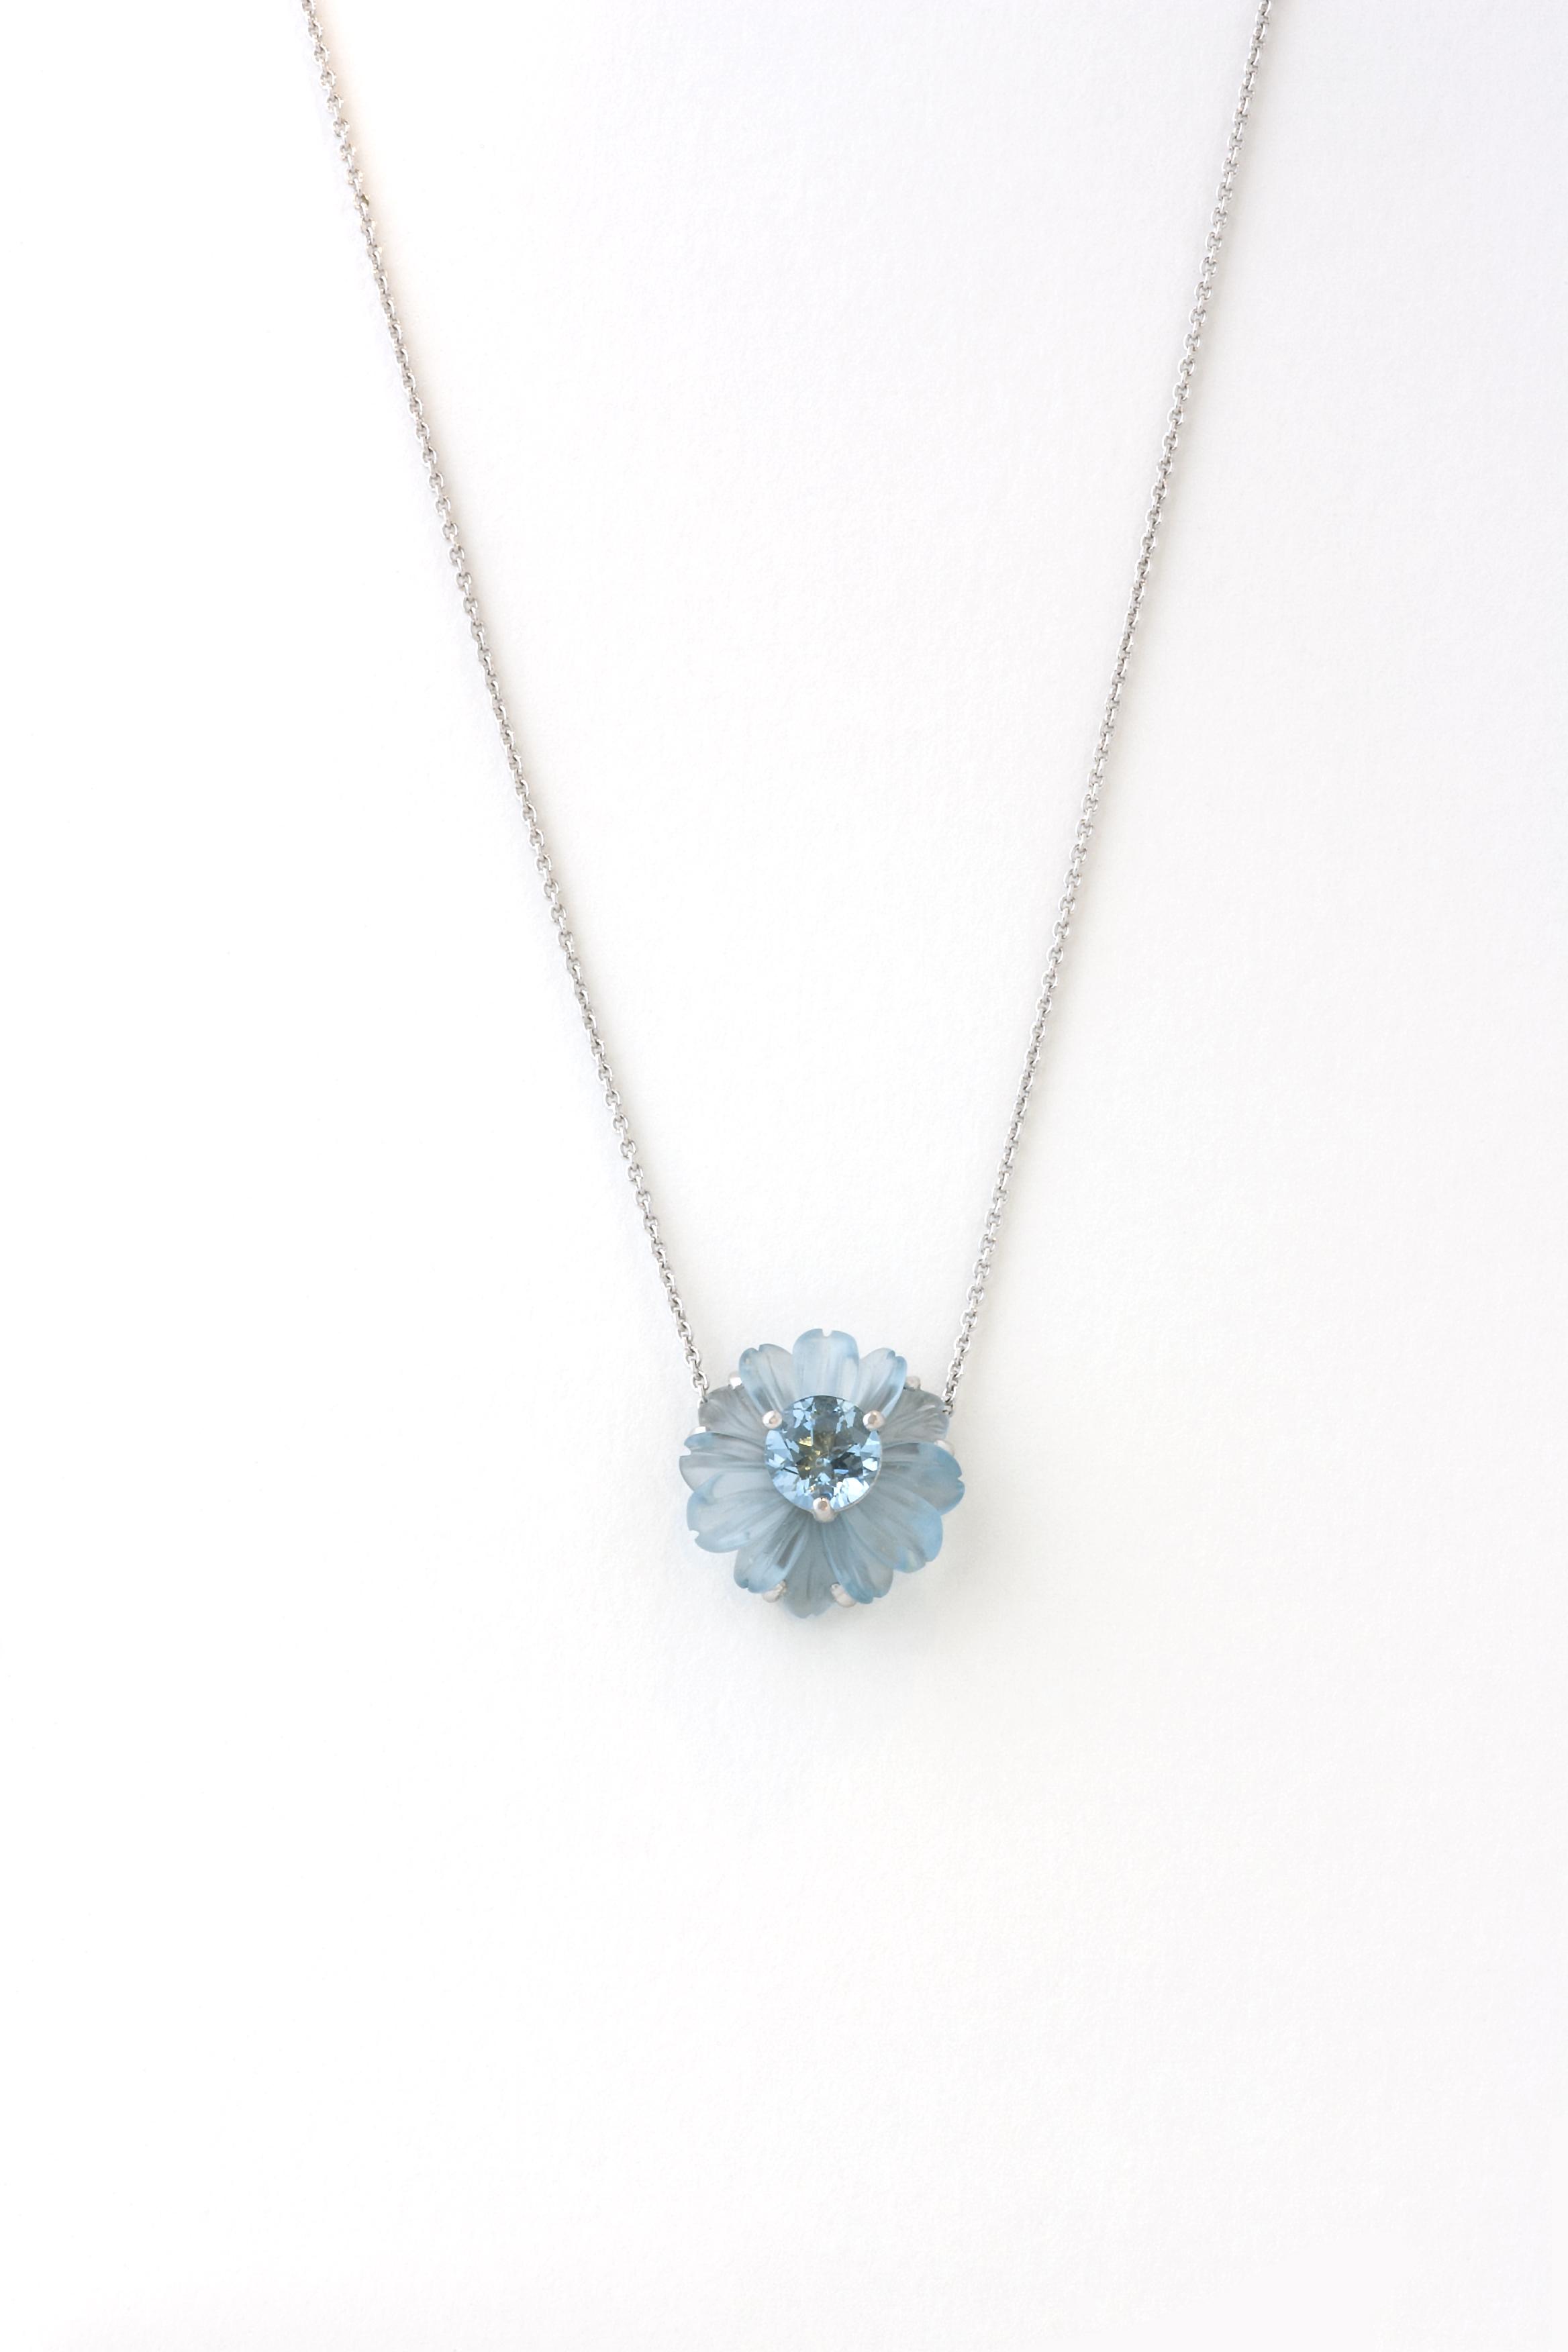 Aquamarine and Blue topaz pendent